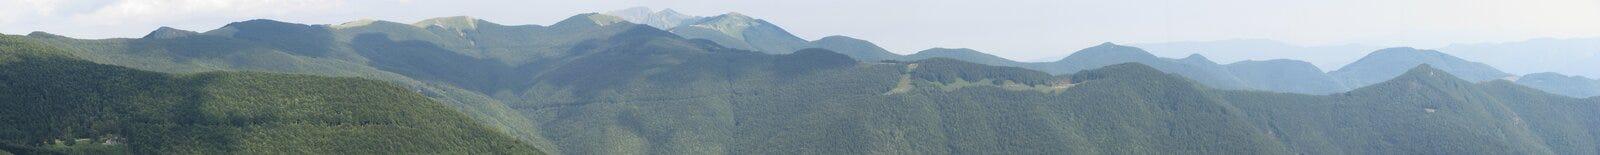 Breites Panorama des toskanischen emilian Apennines vom alten Dorf von San Pellegrino in Alpe, Toskana, Italien stockbilder